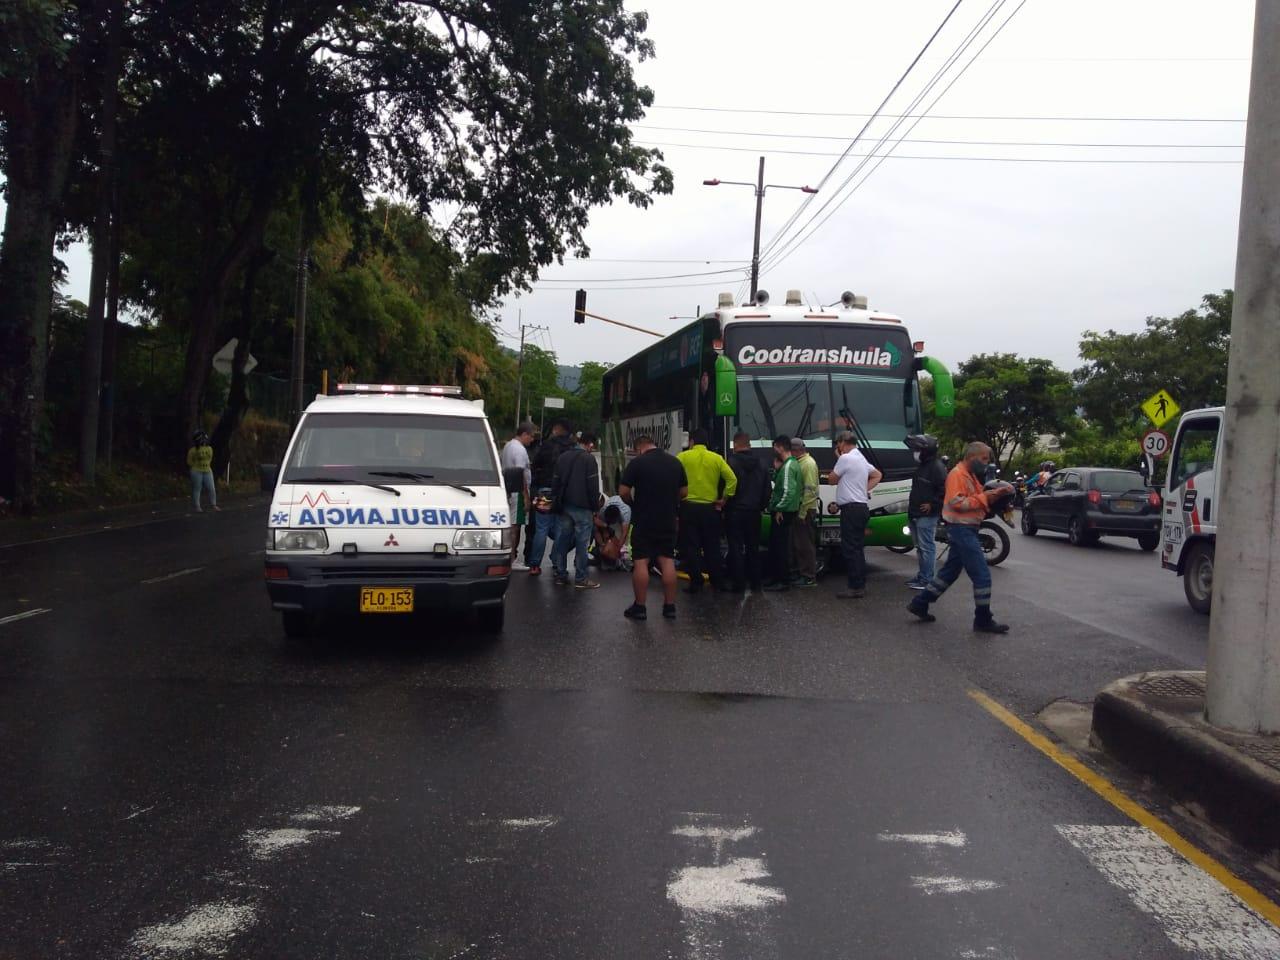 Un milagro salvó a la motociclista luego del impacto contra un bus